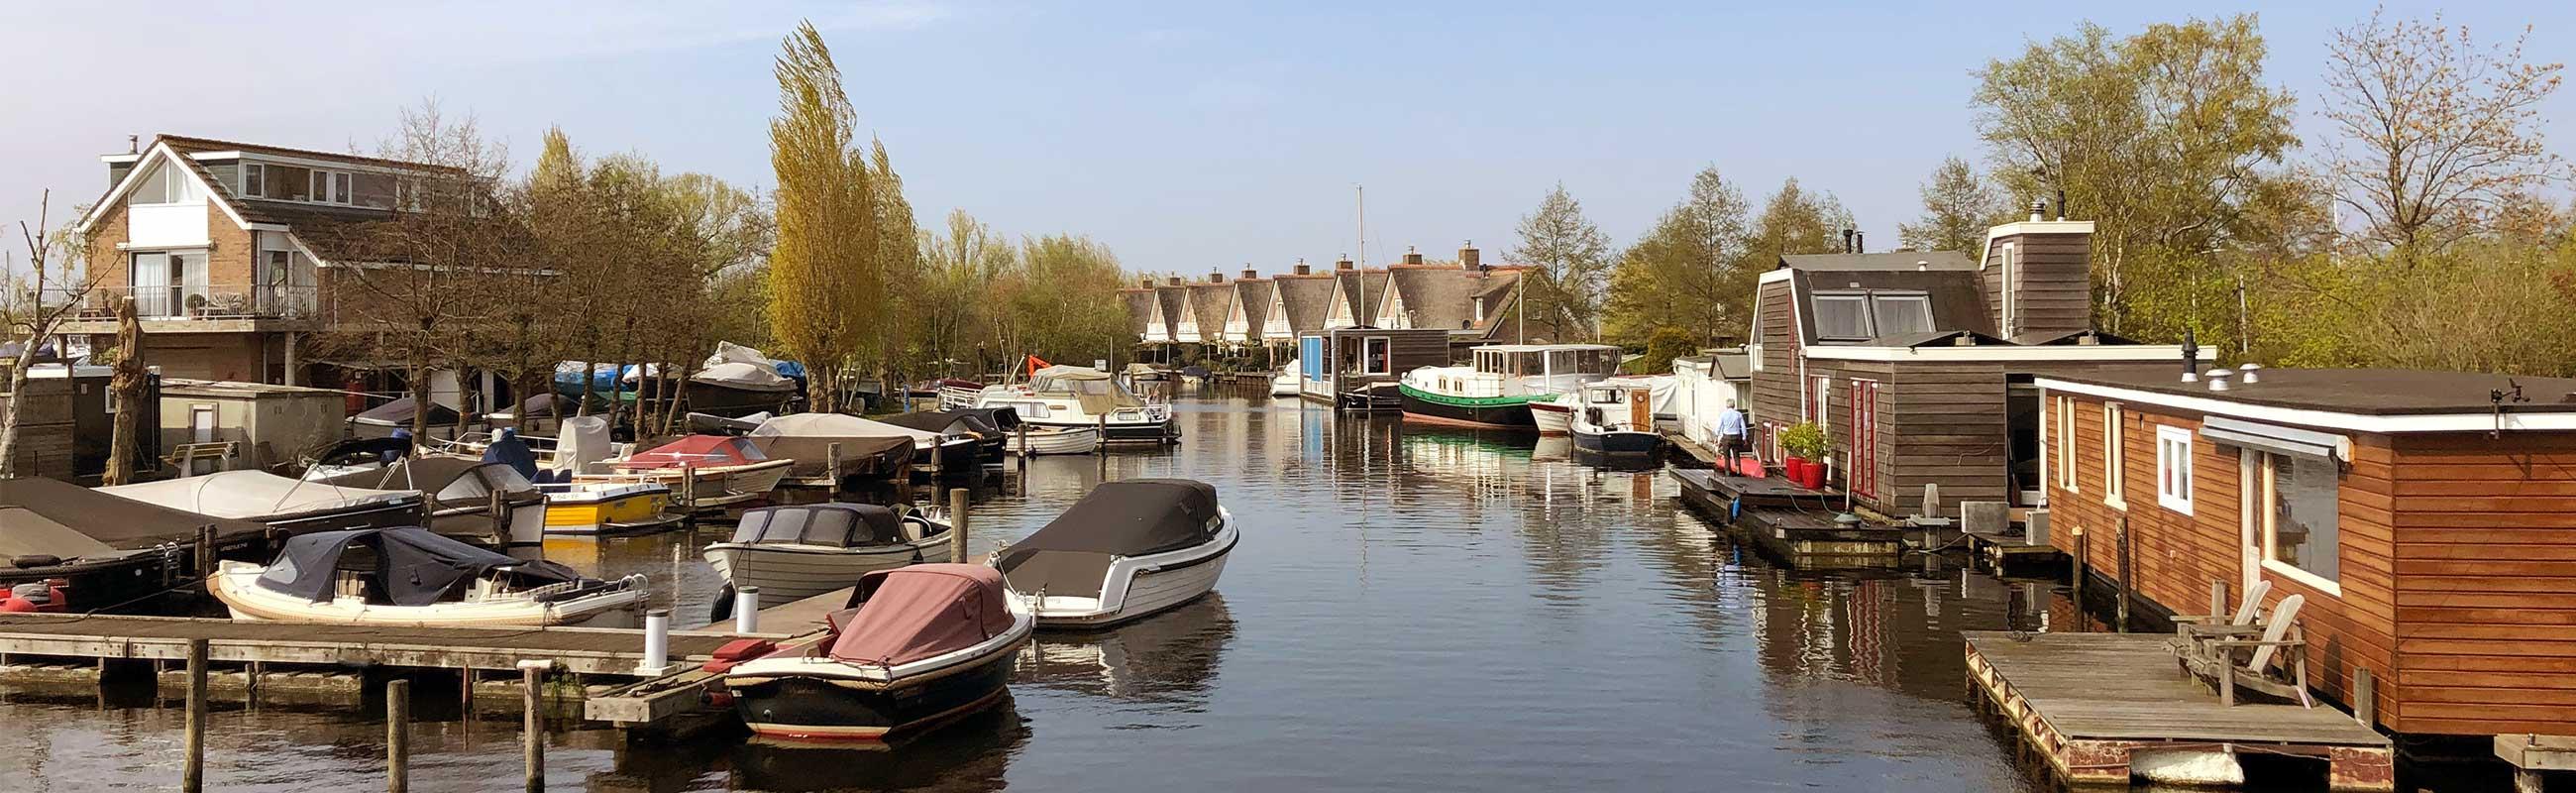 De Veerpoleder in de Waarder- En Veerpolder wijk in Haarlem Oost.